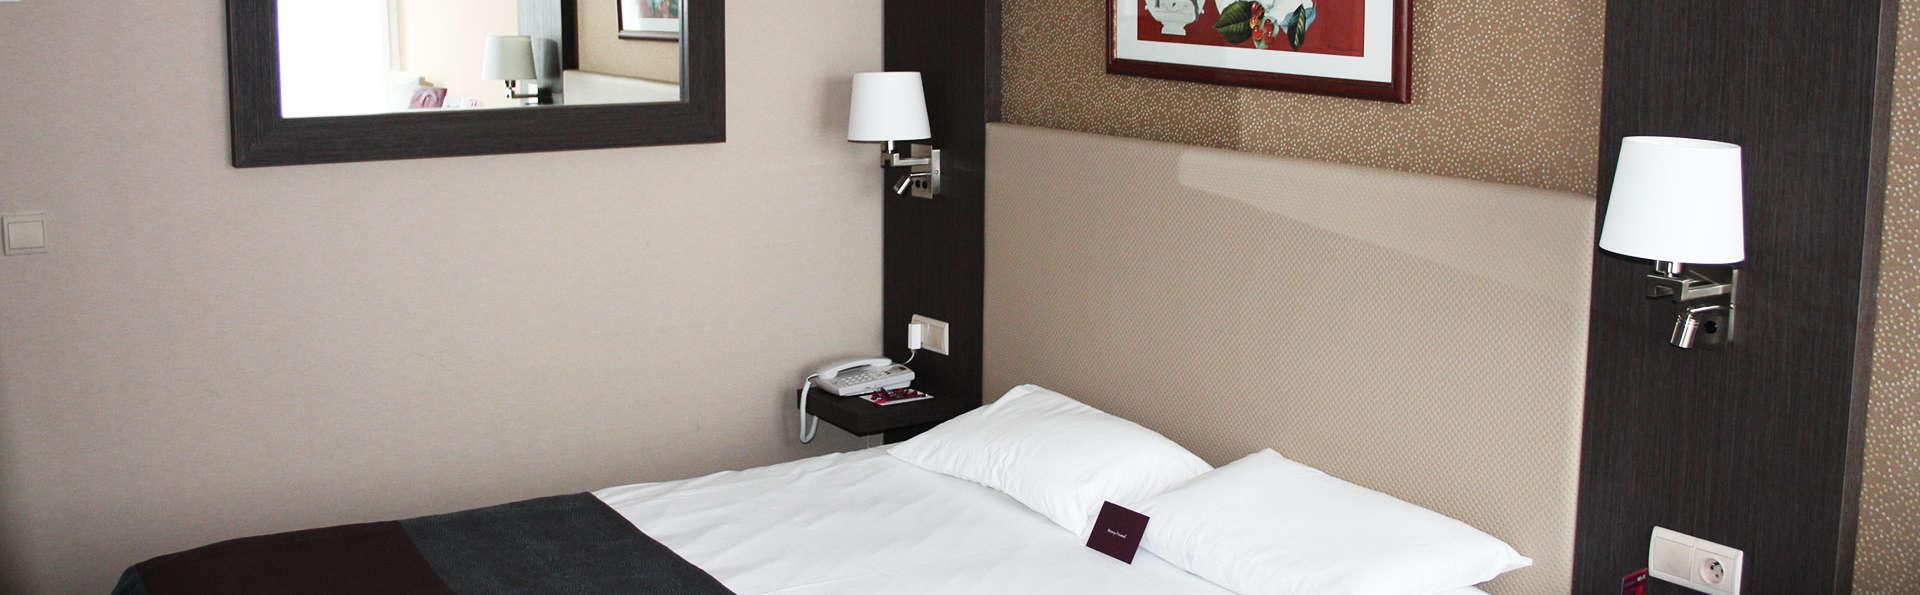 Mercure Cabourg Hôtel & Spa - EDIT_room.jpg